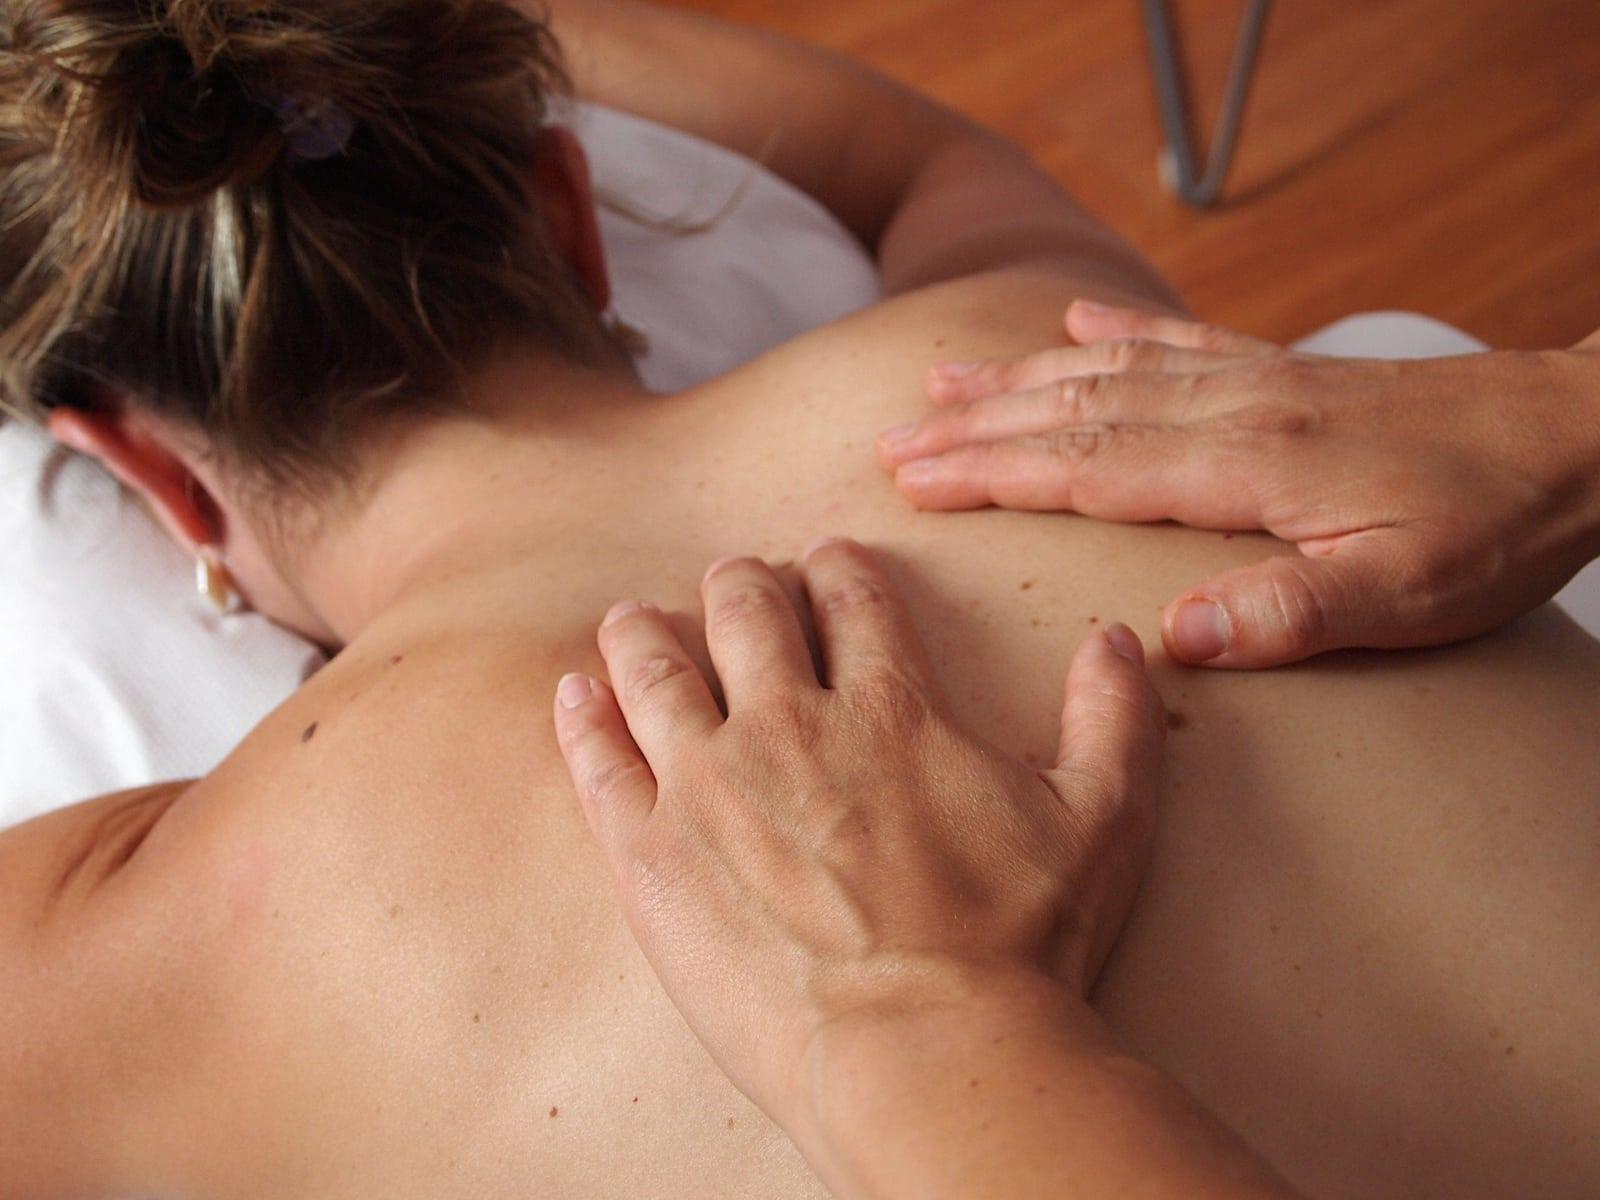 Русский массаж писи, Русский порно массаж. Смотреть бесплатно порно на 1 фотография